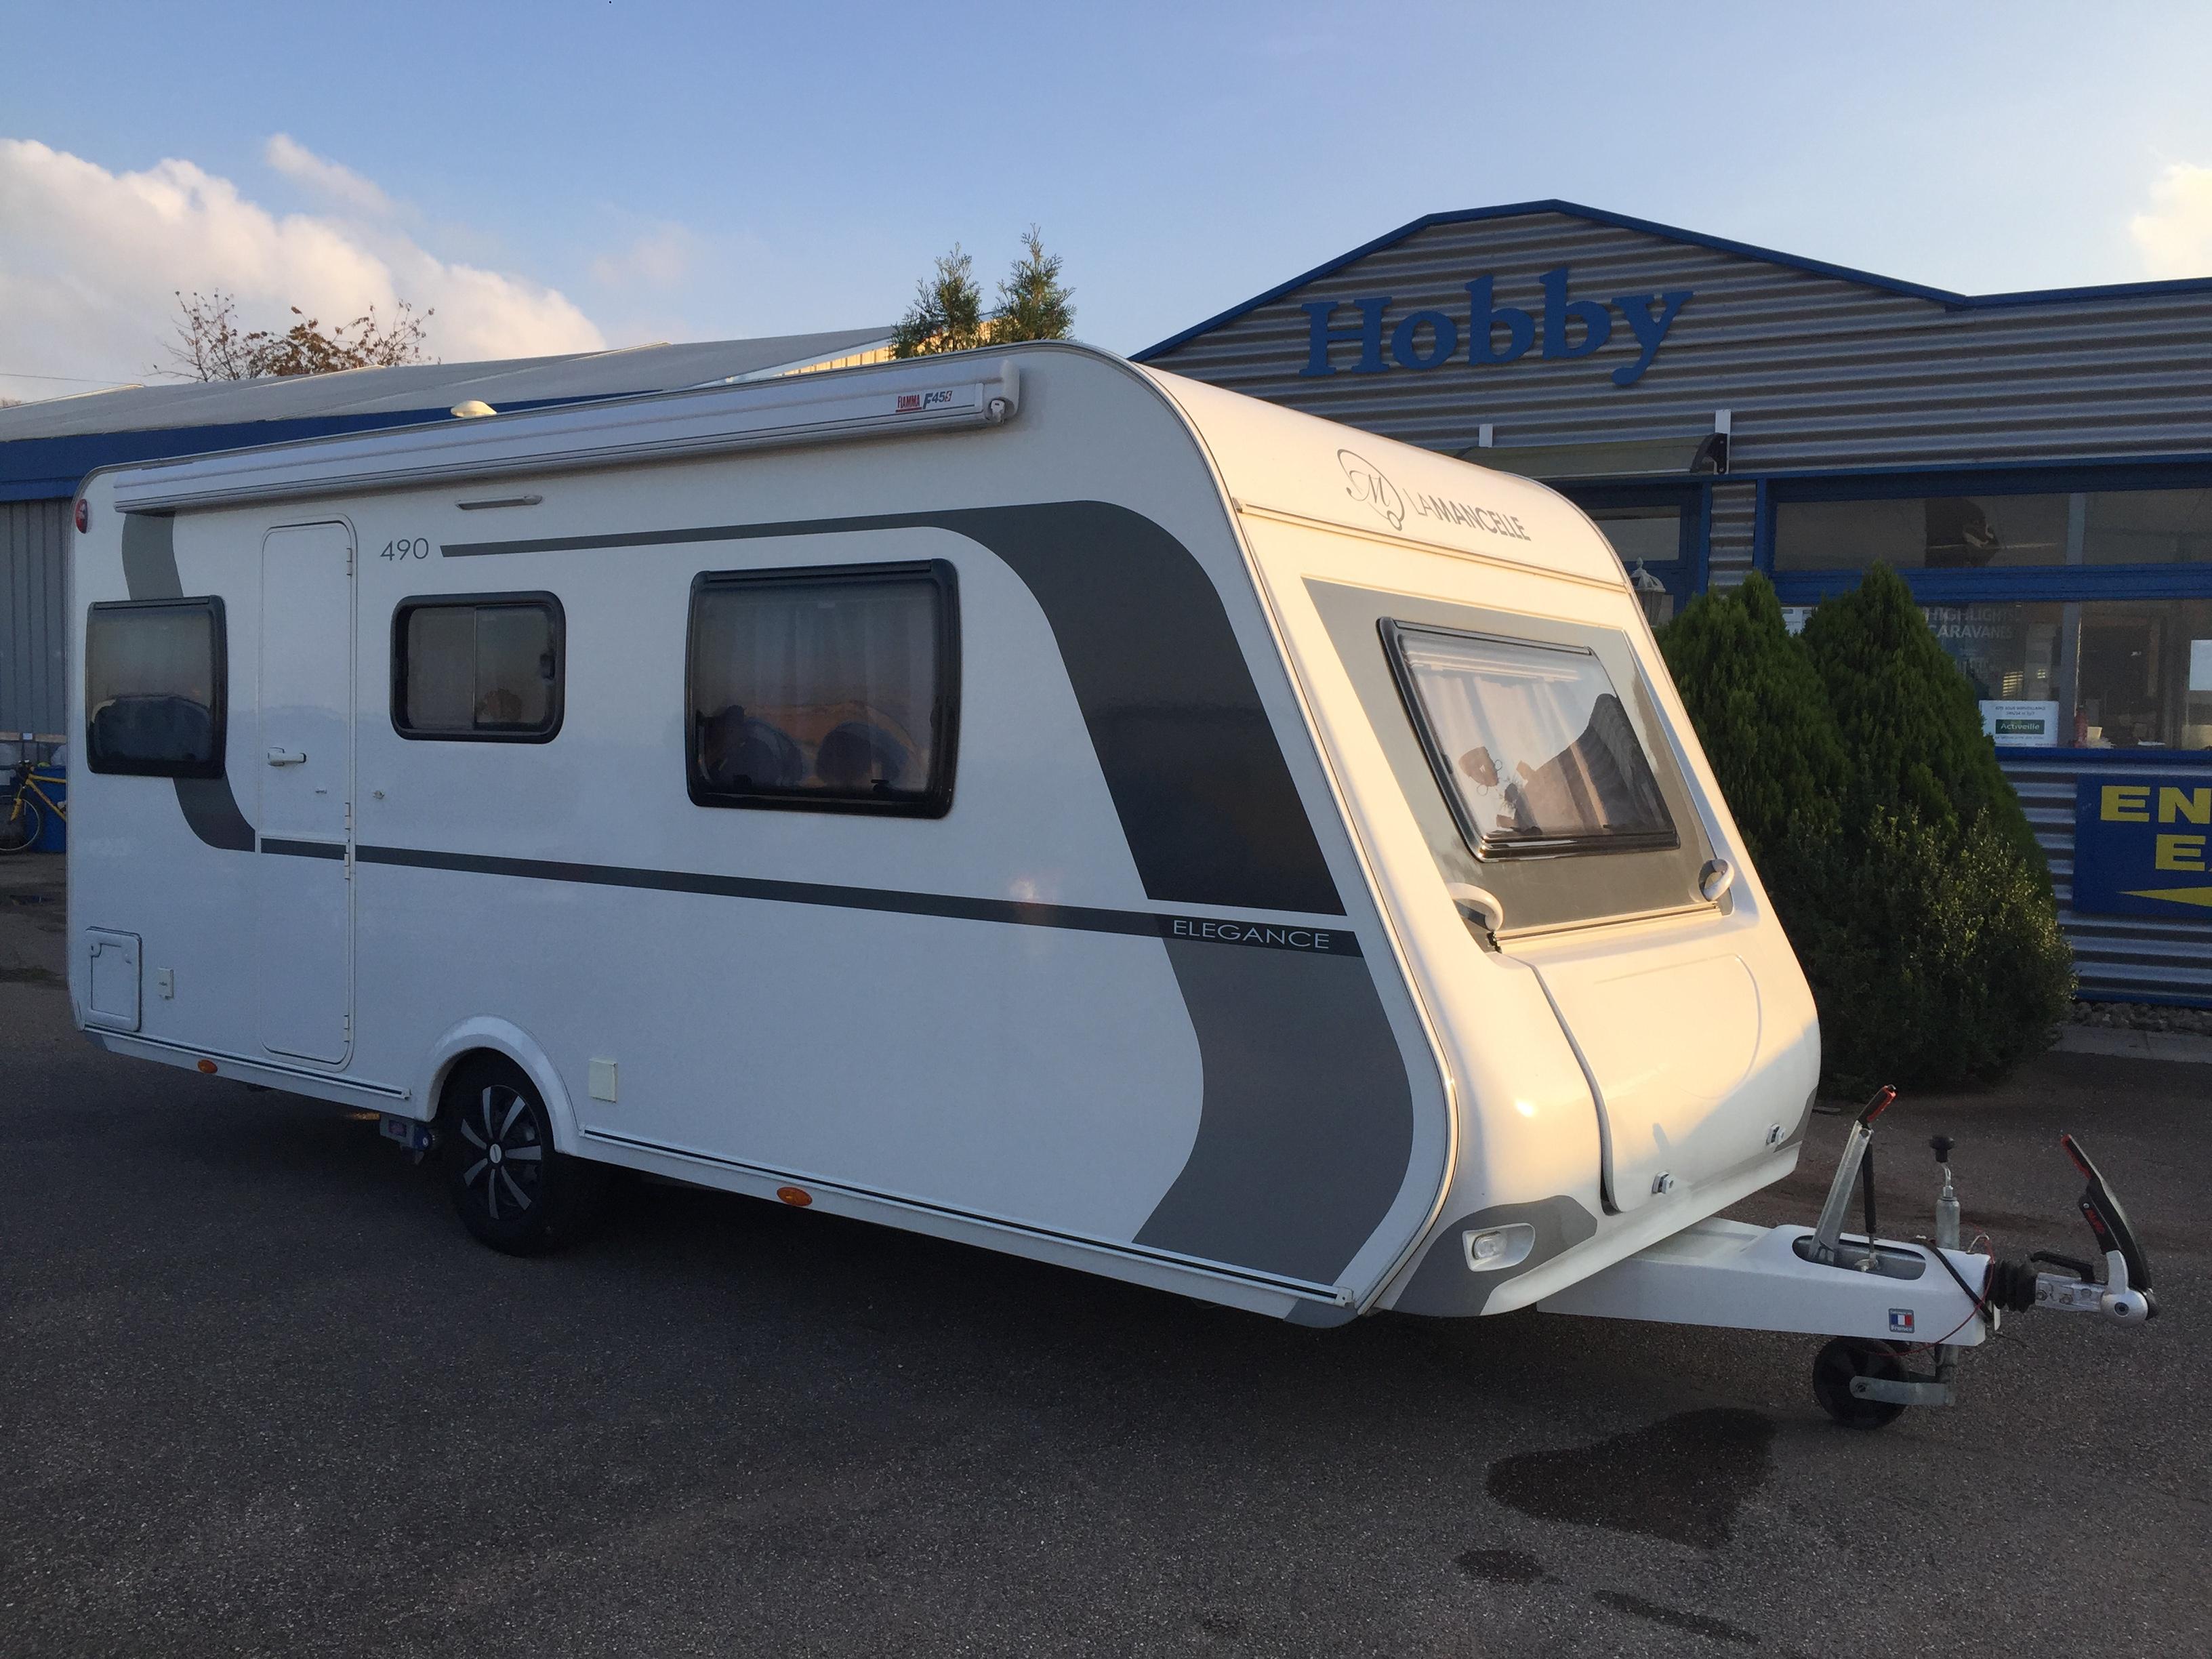 la mancelle 490 sa elegance occasion caravane vendre en rhin 67 ref 13038 net campers. Black Bedroom Furniture Sets. Home Design Ideas